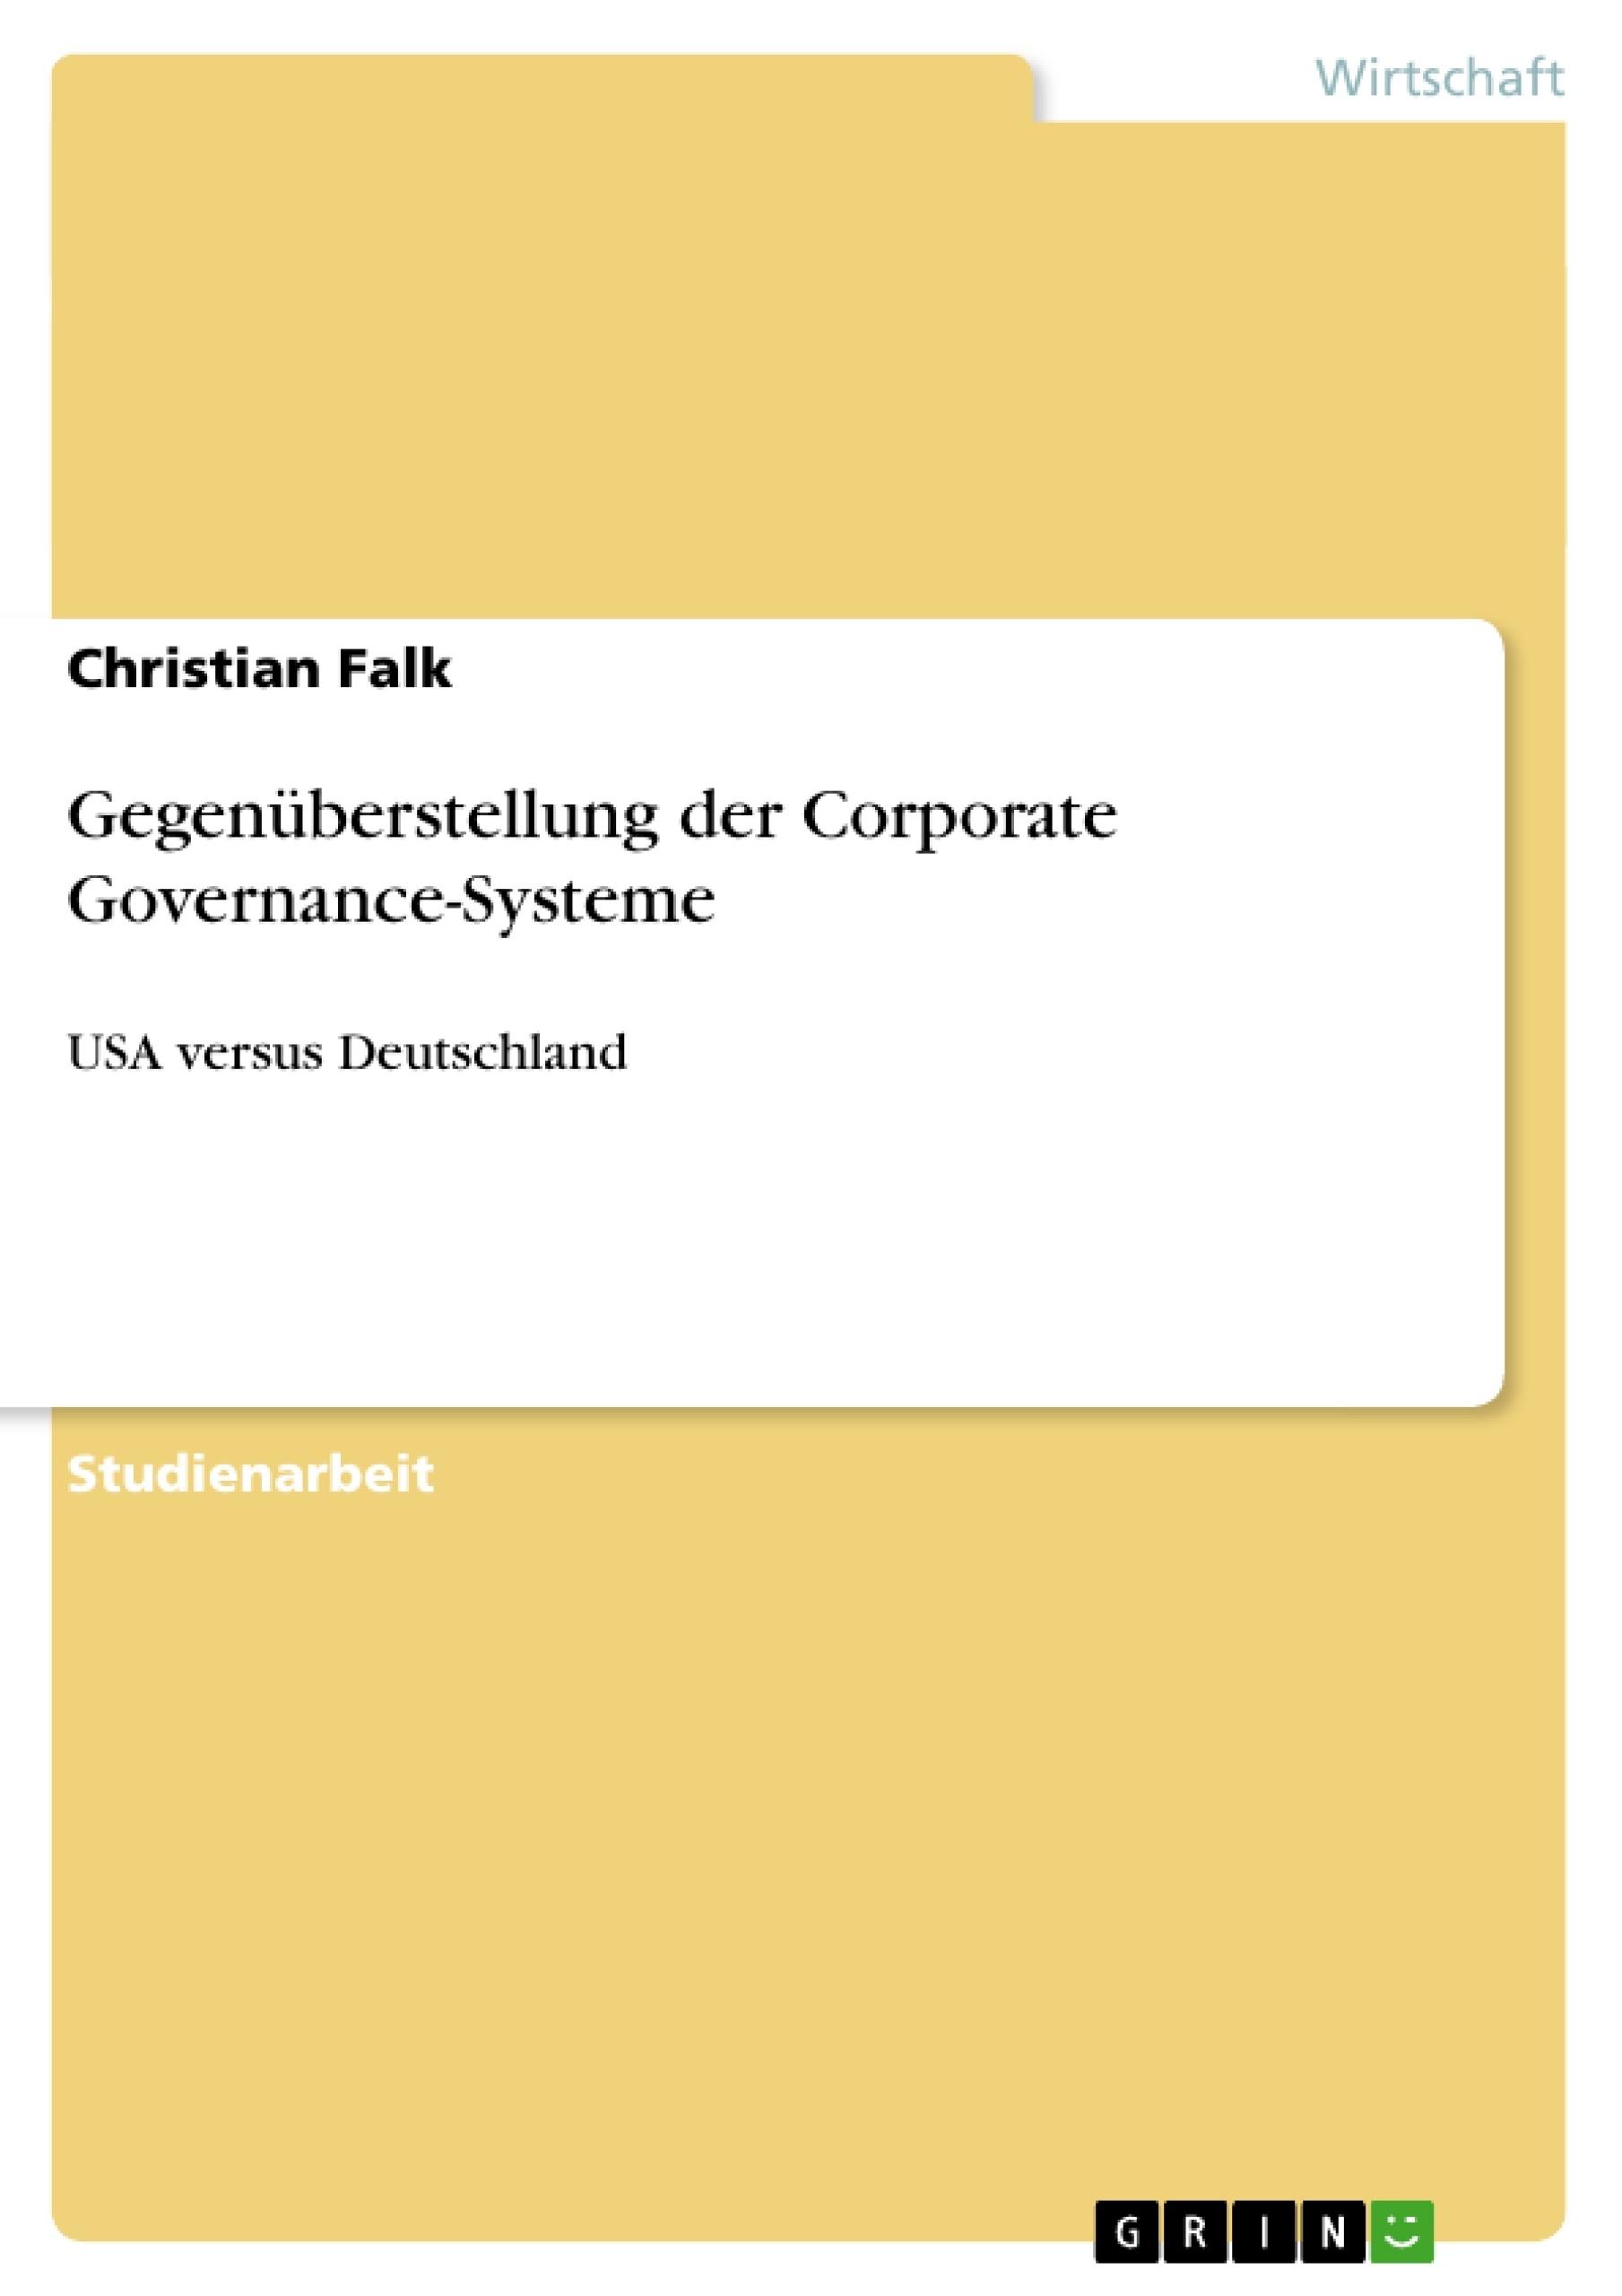 Titel: Gegenüberstellung der Corporate Governance-Systeme